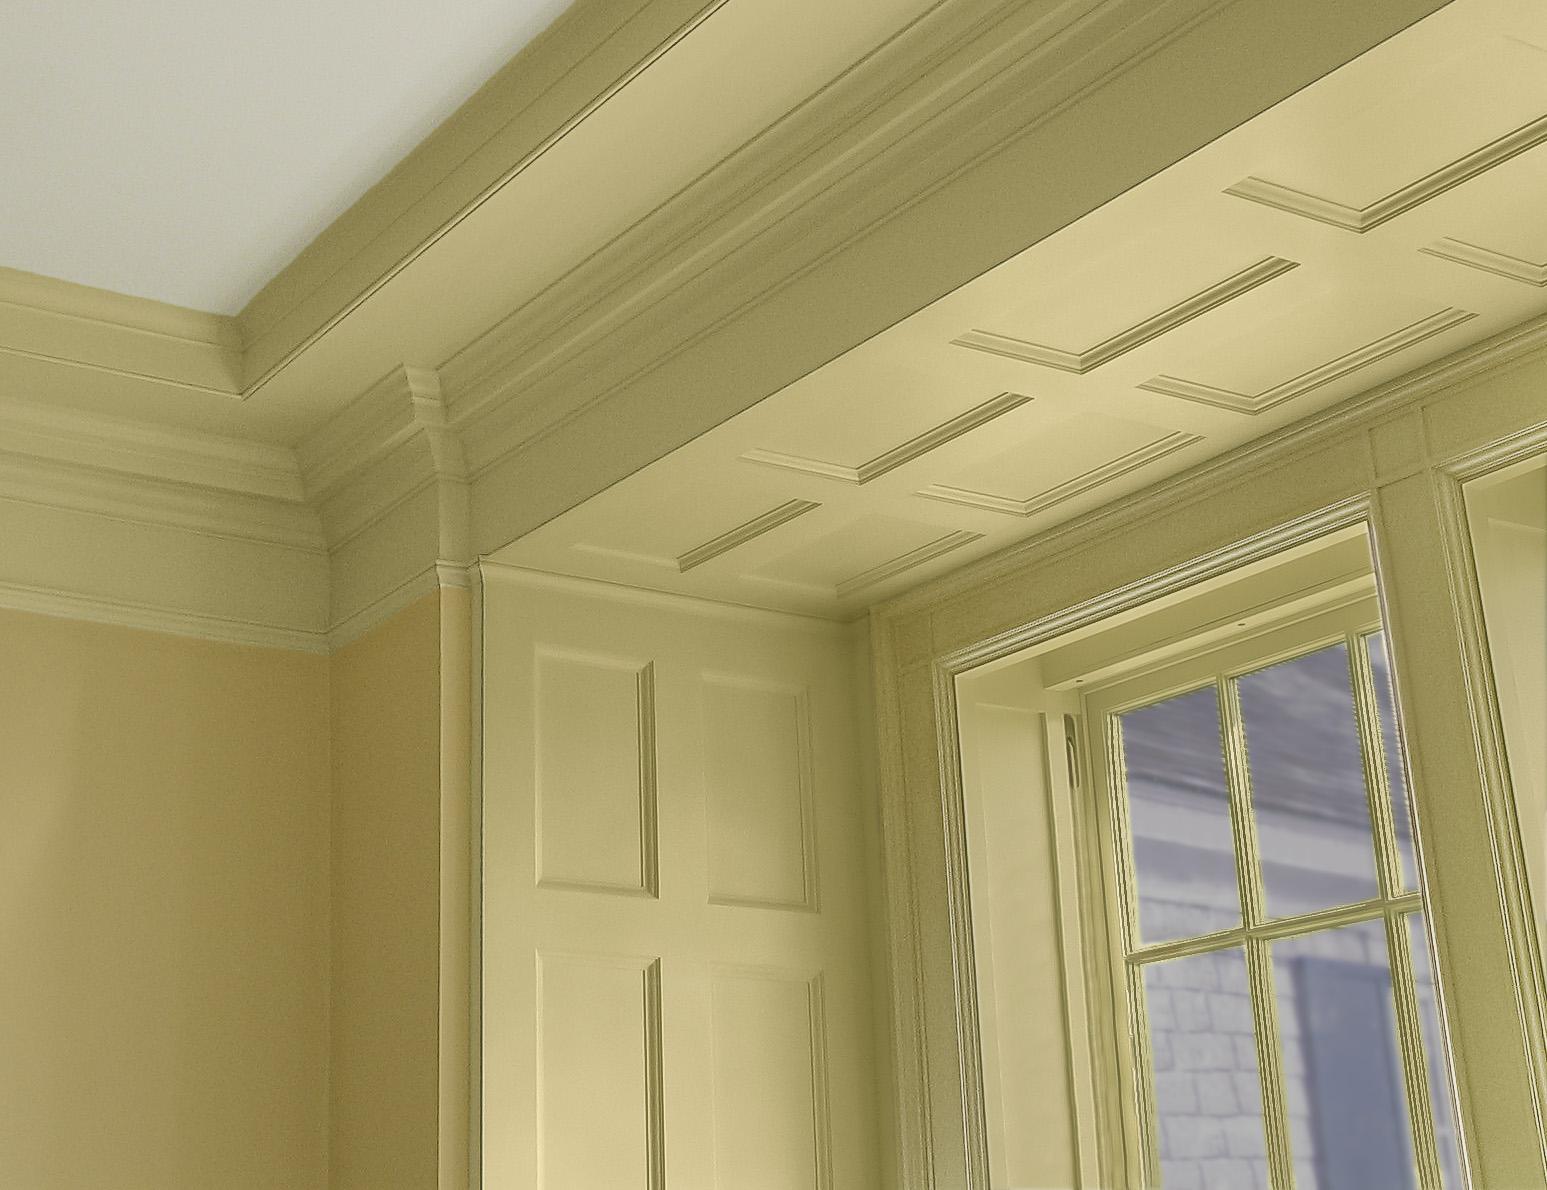 Paneled window surround